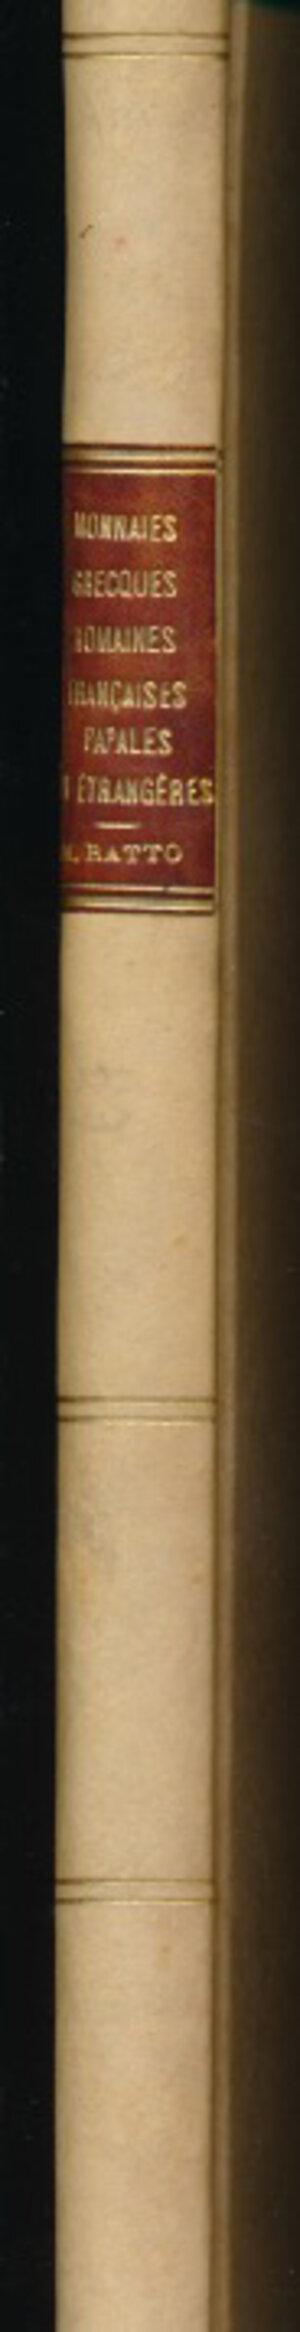 obverse: RATTO R. - Asta 6 giugno 1931 Parigi. Monete greche, romane e francesi, papali e straniere. Pp. 52 + 19 tavole. Rilegatura rigida con dorso e angoli bianchi e scritte dorate. Ottimo stato.